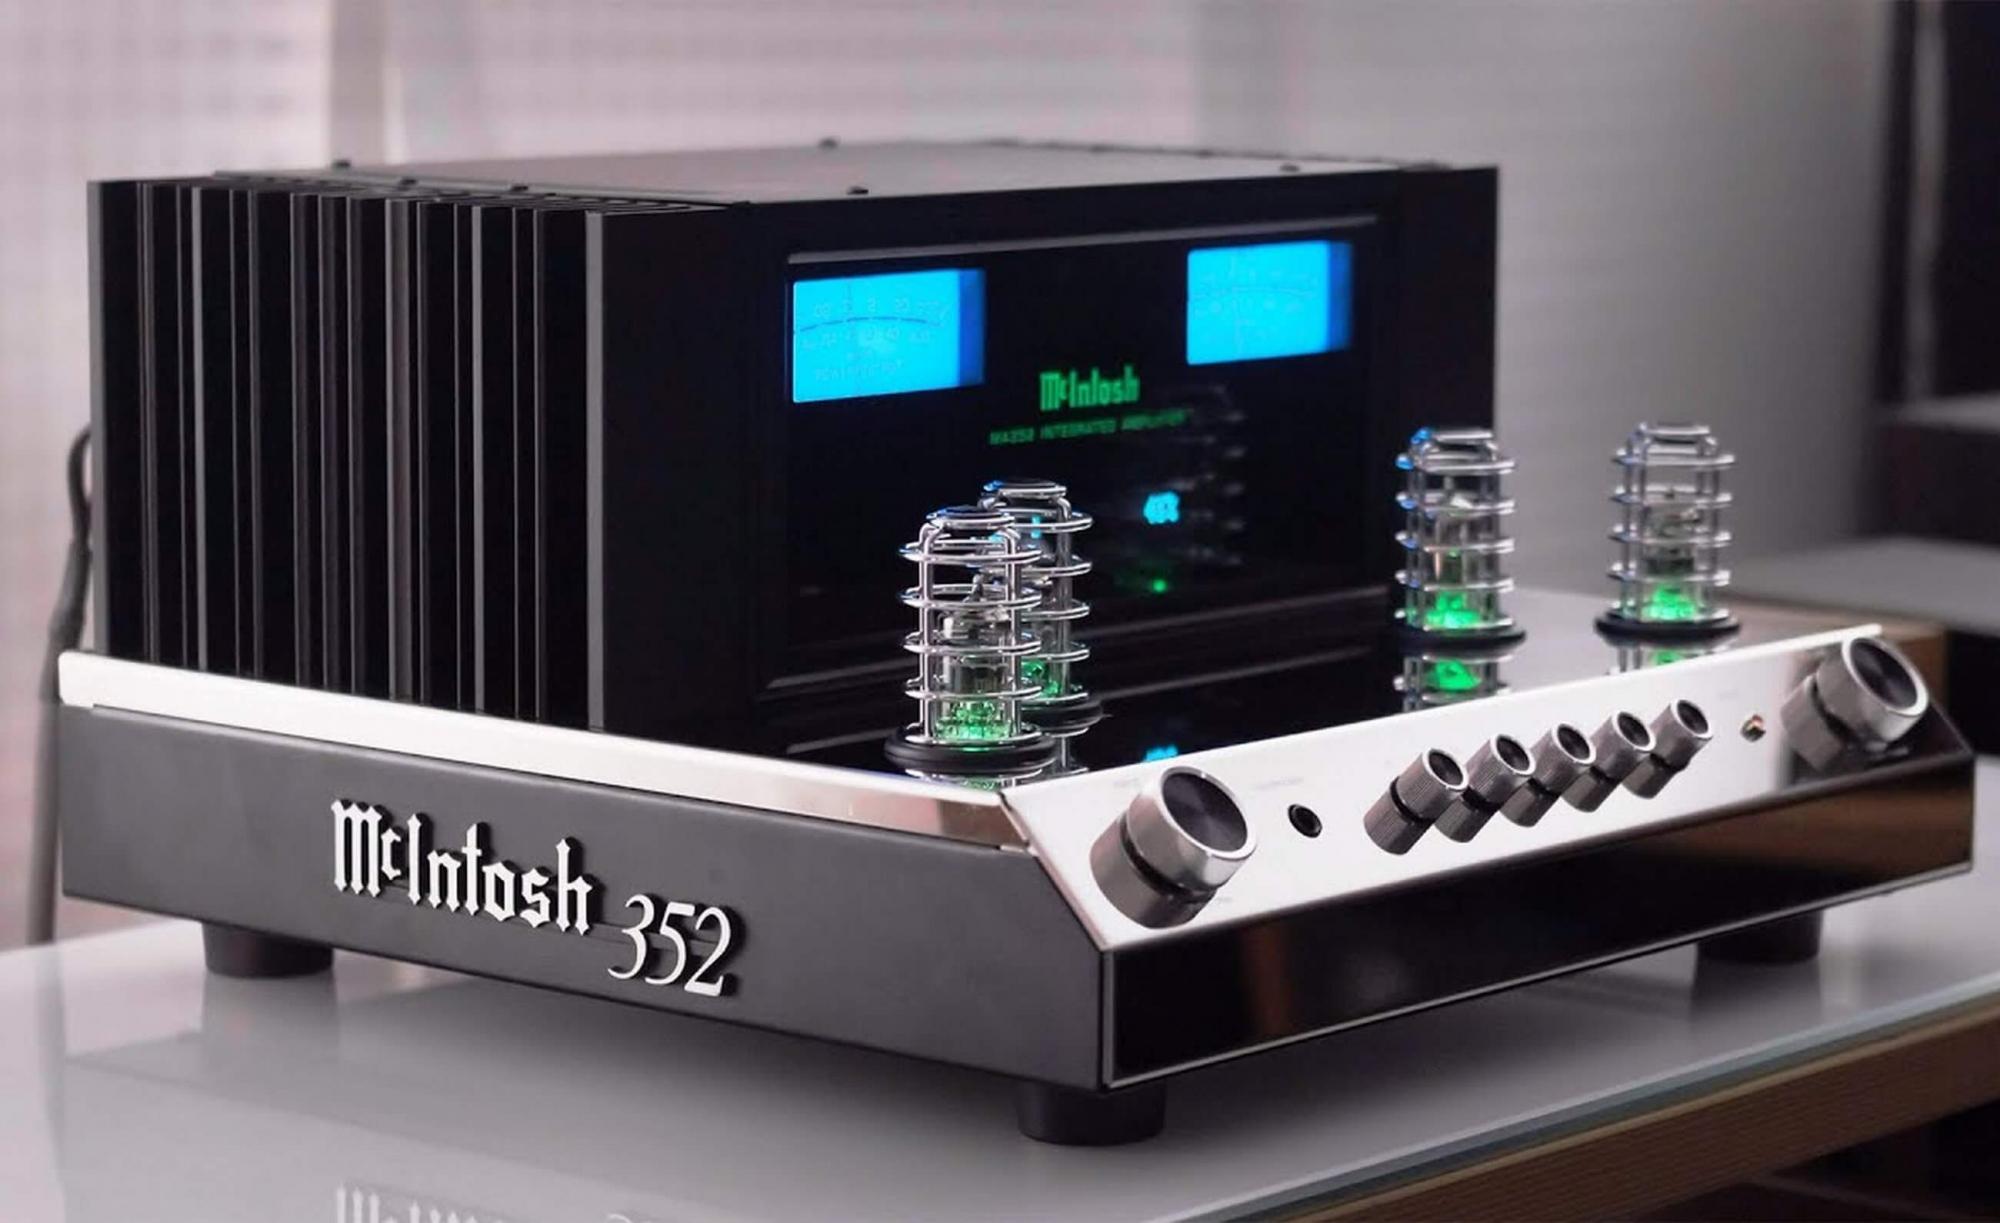 McIntosh MA352 hibrid integrált sztereó erősítő teszt